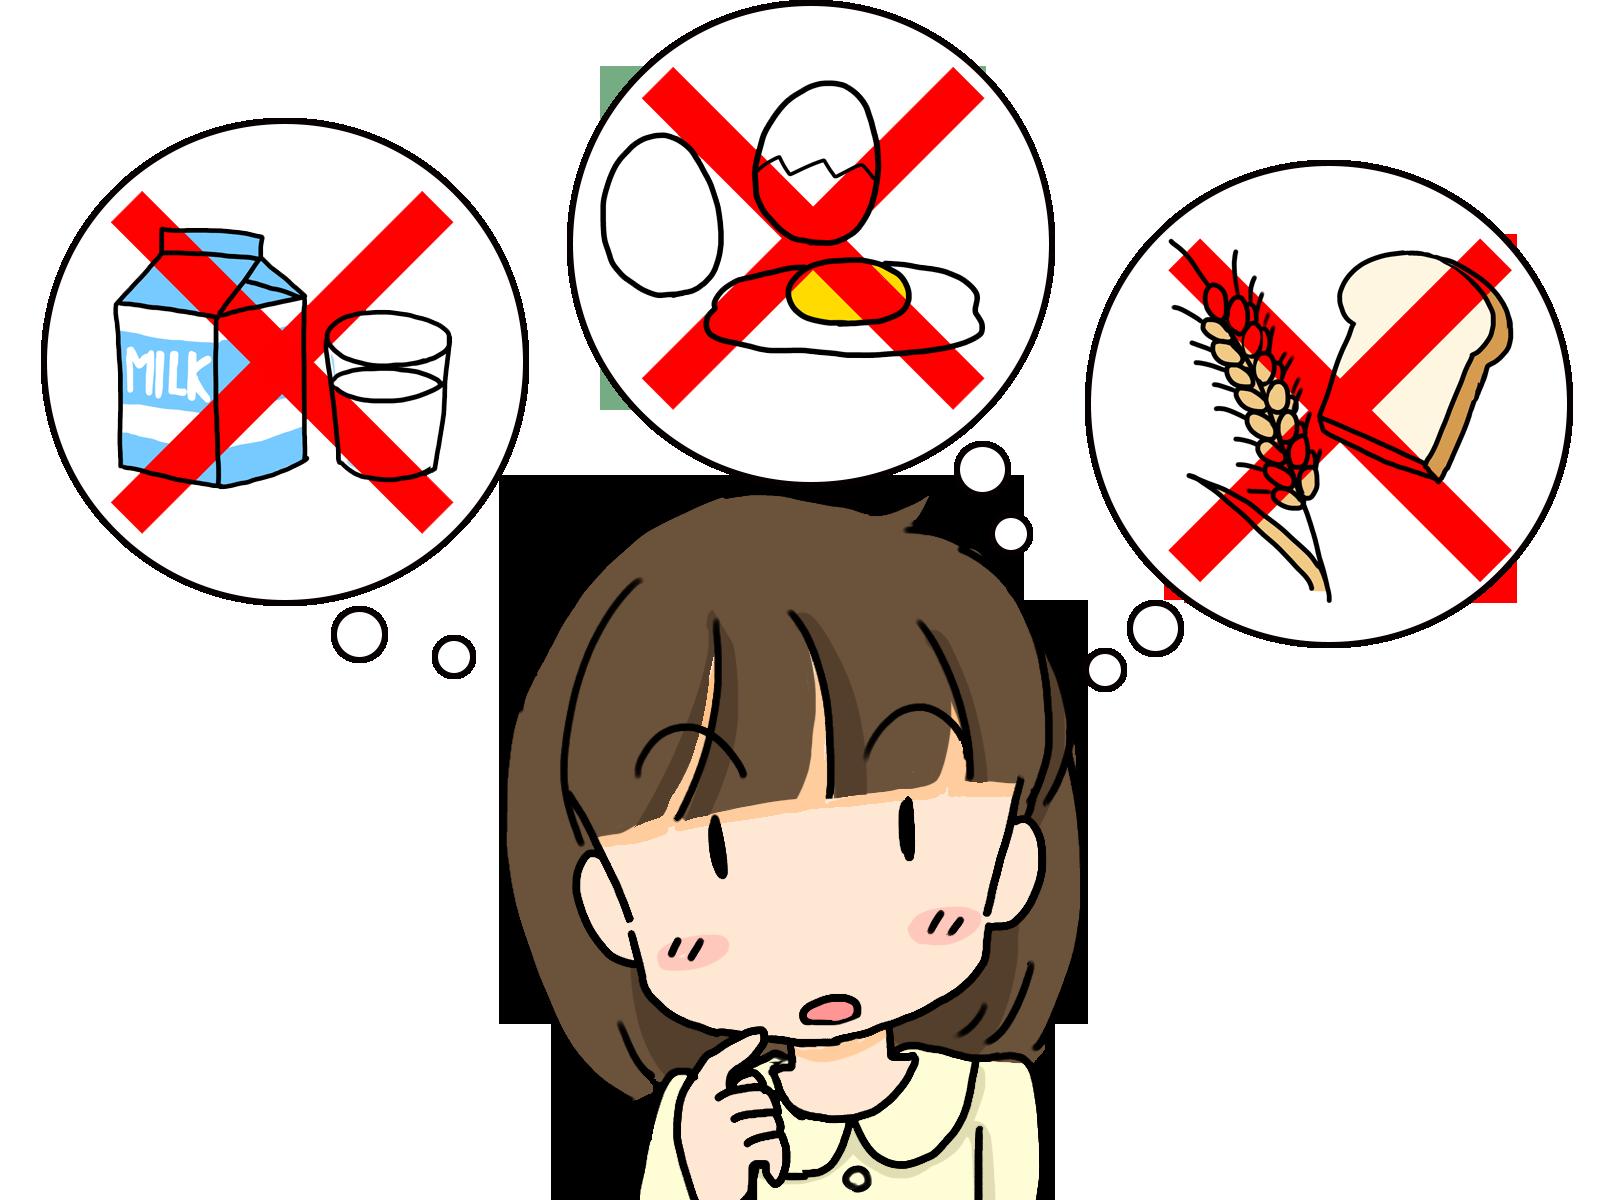 摂取できていた食物の除去は食物アレルギーを発症させるかもしれない